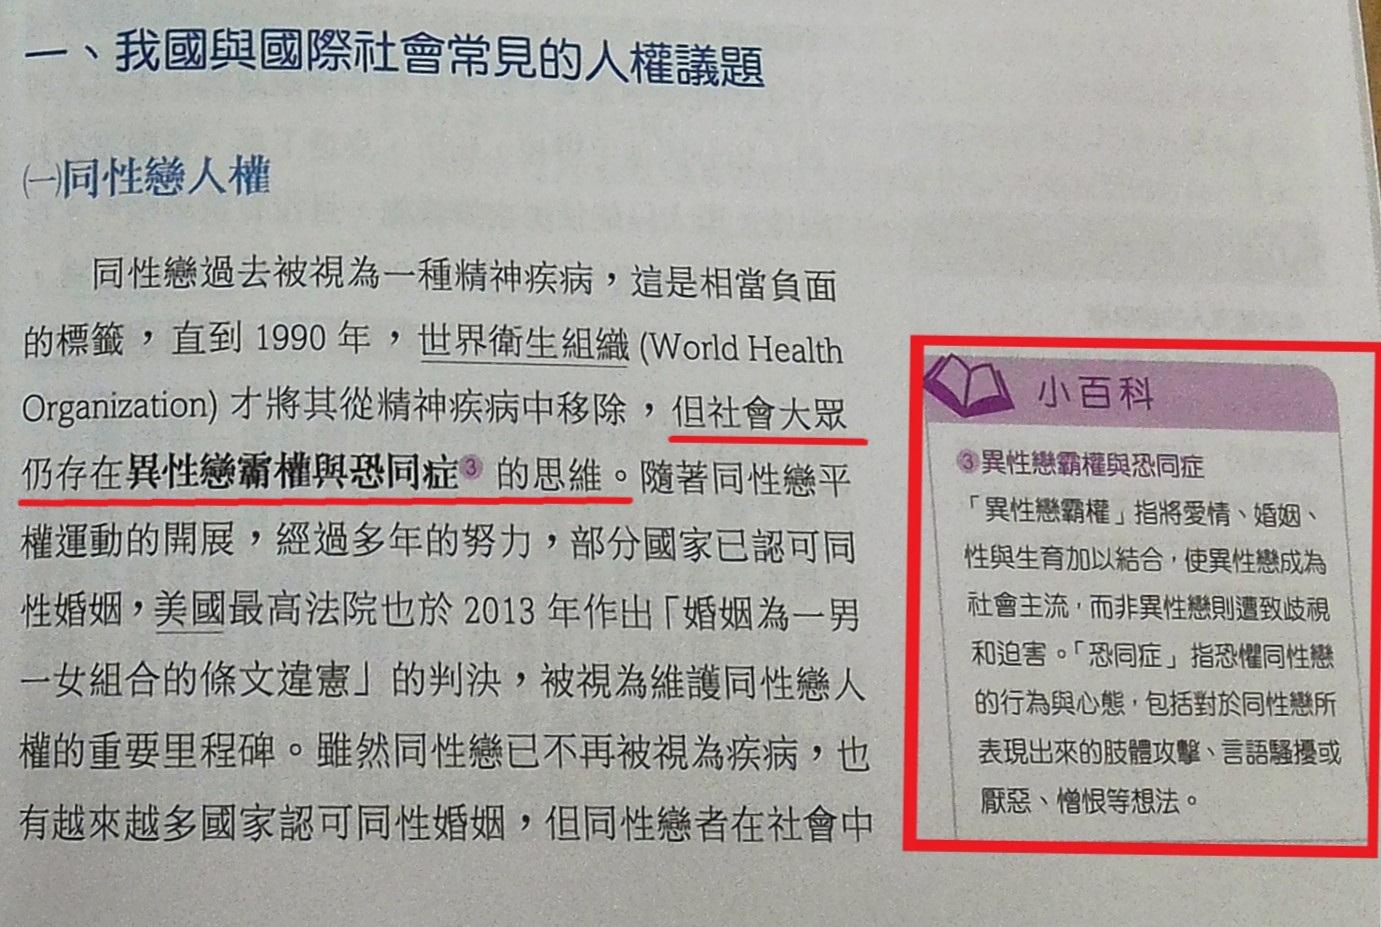 三民版高一公民與社會課本,直指社會大眾有「異性戀霸權」、「恐同症」,誤導學生,但其實台灣社會多數是友善同志的。